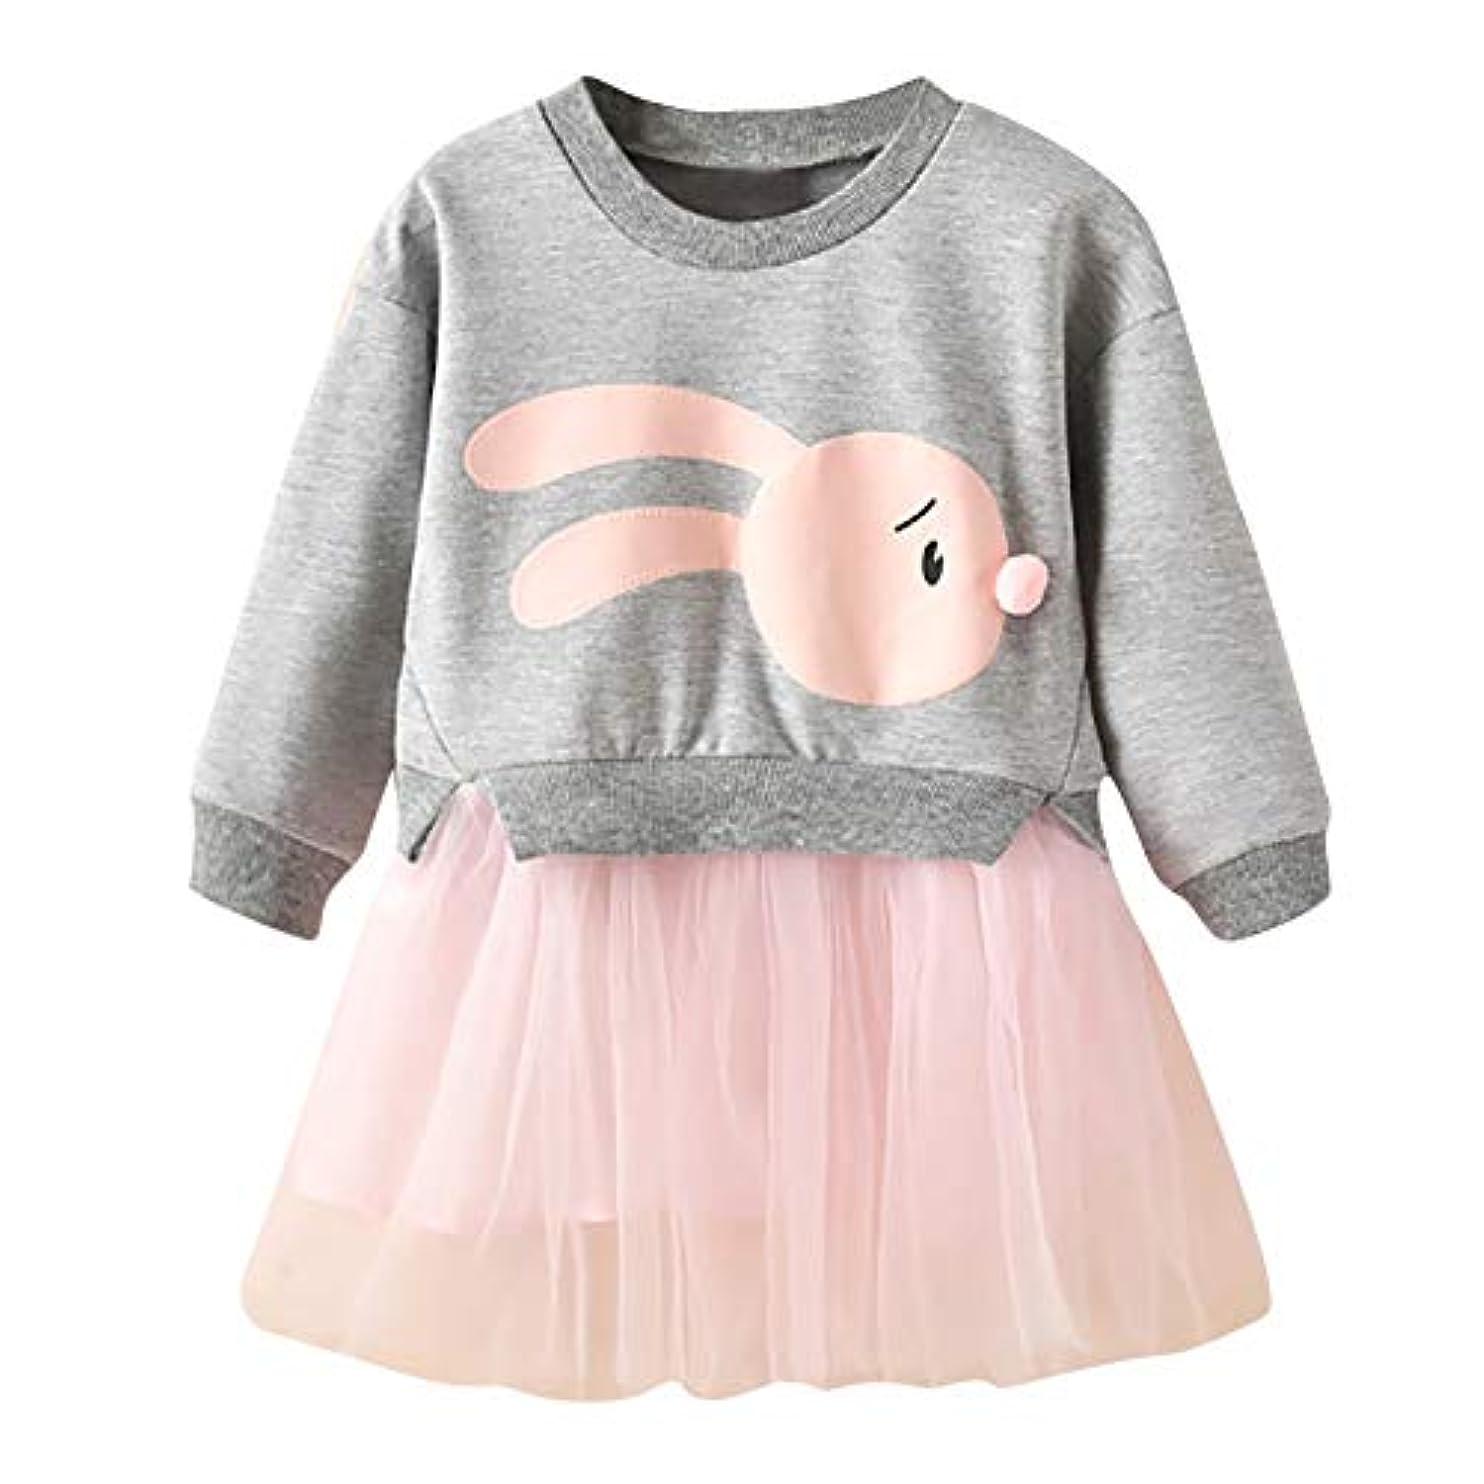 舗装する容赦ない可能性Onderroa - 冬の子供服の女の赤ちゃんの漫画のバニープリンセスパッチワークトレーナーチュールドレス服roupaのinfantil